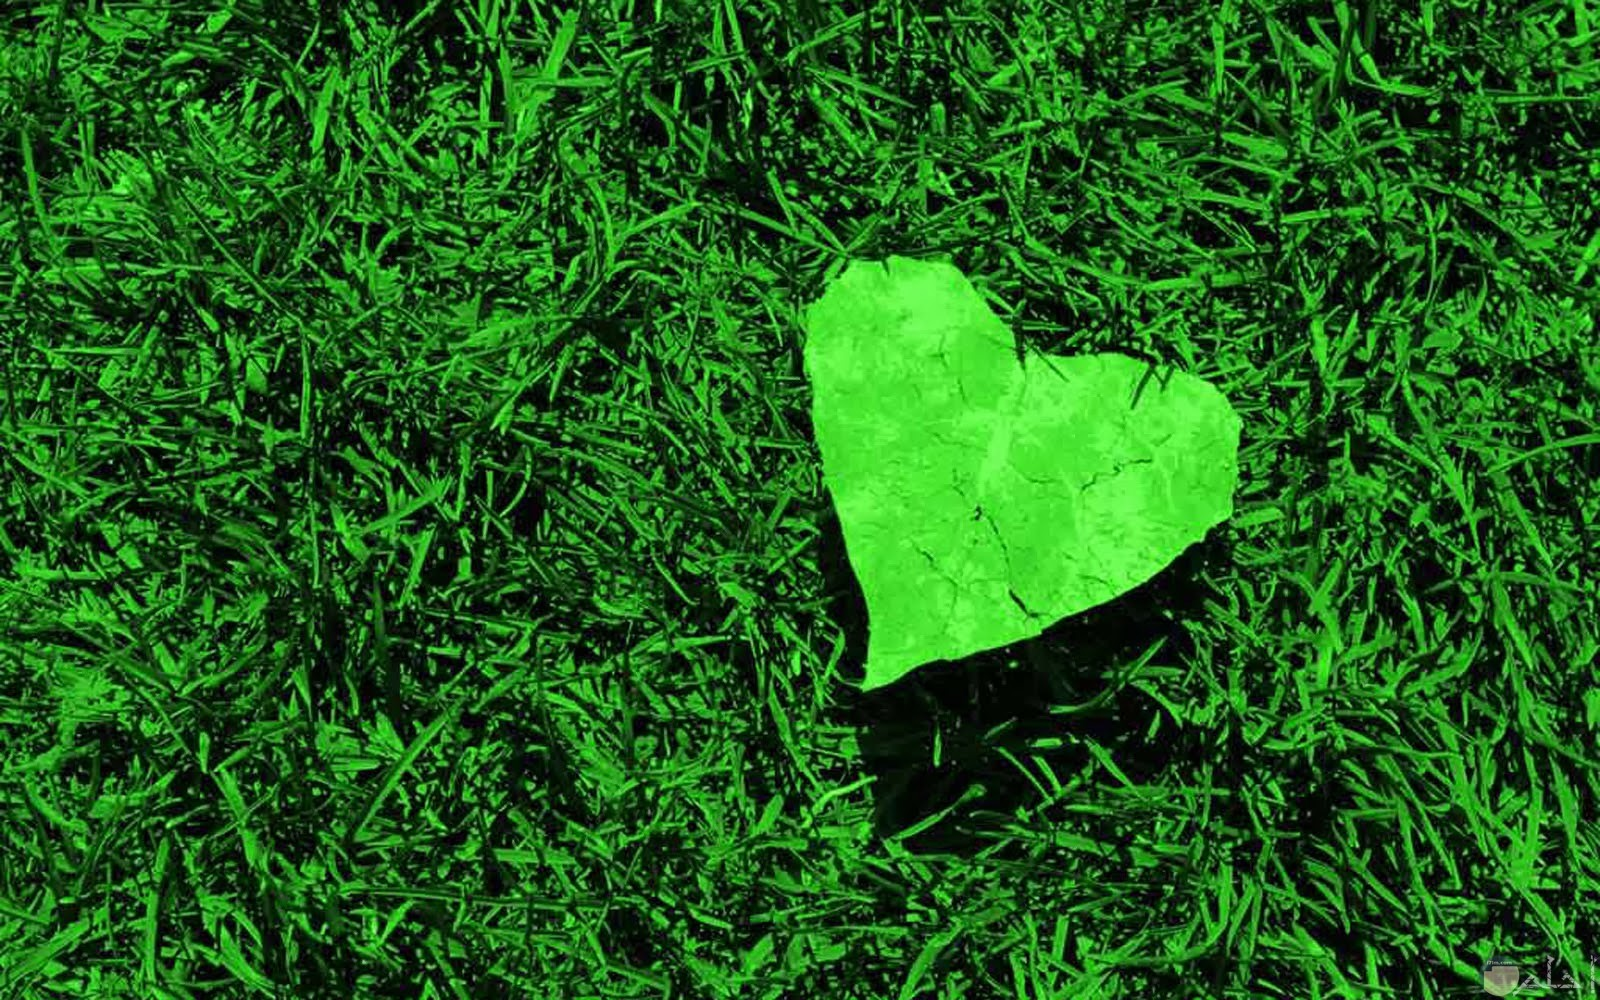 قلب باللون الاخضر الجميل من ورق الشجر